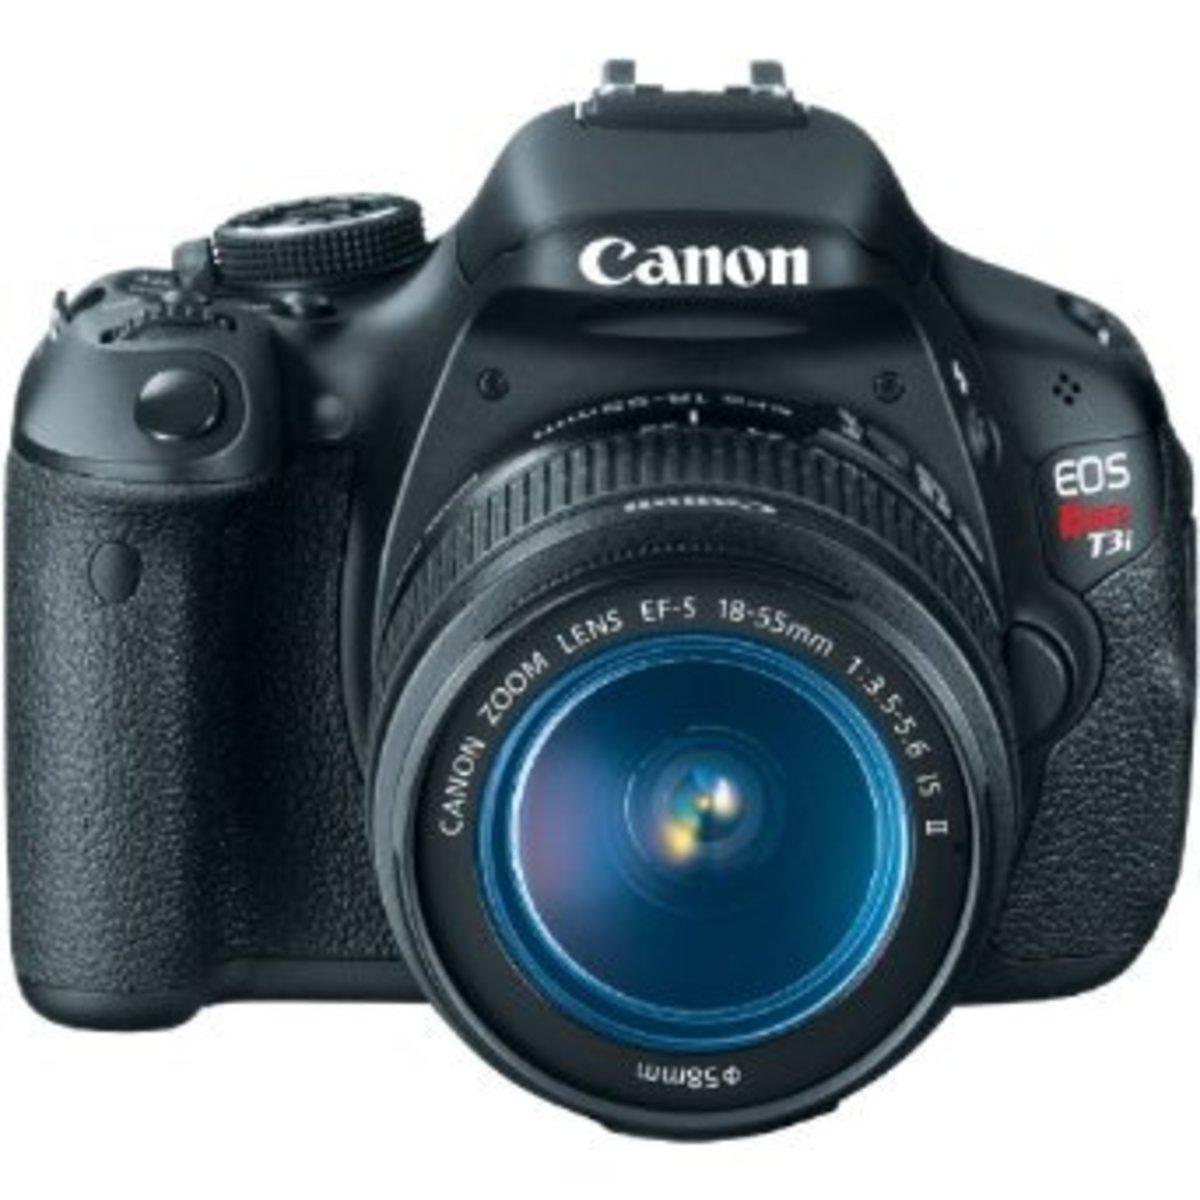 Best Beginner DSLR Camera for New Photographers or Videographers